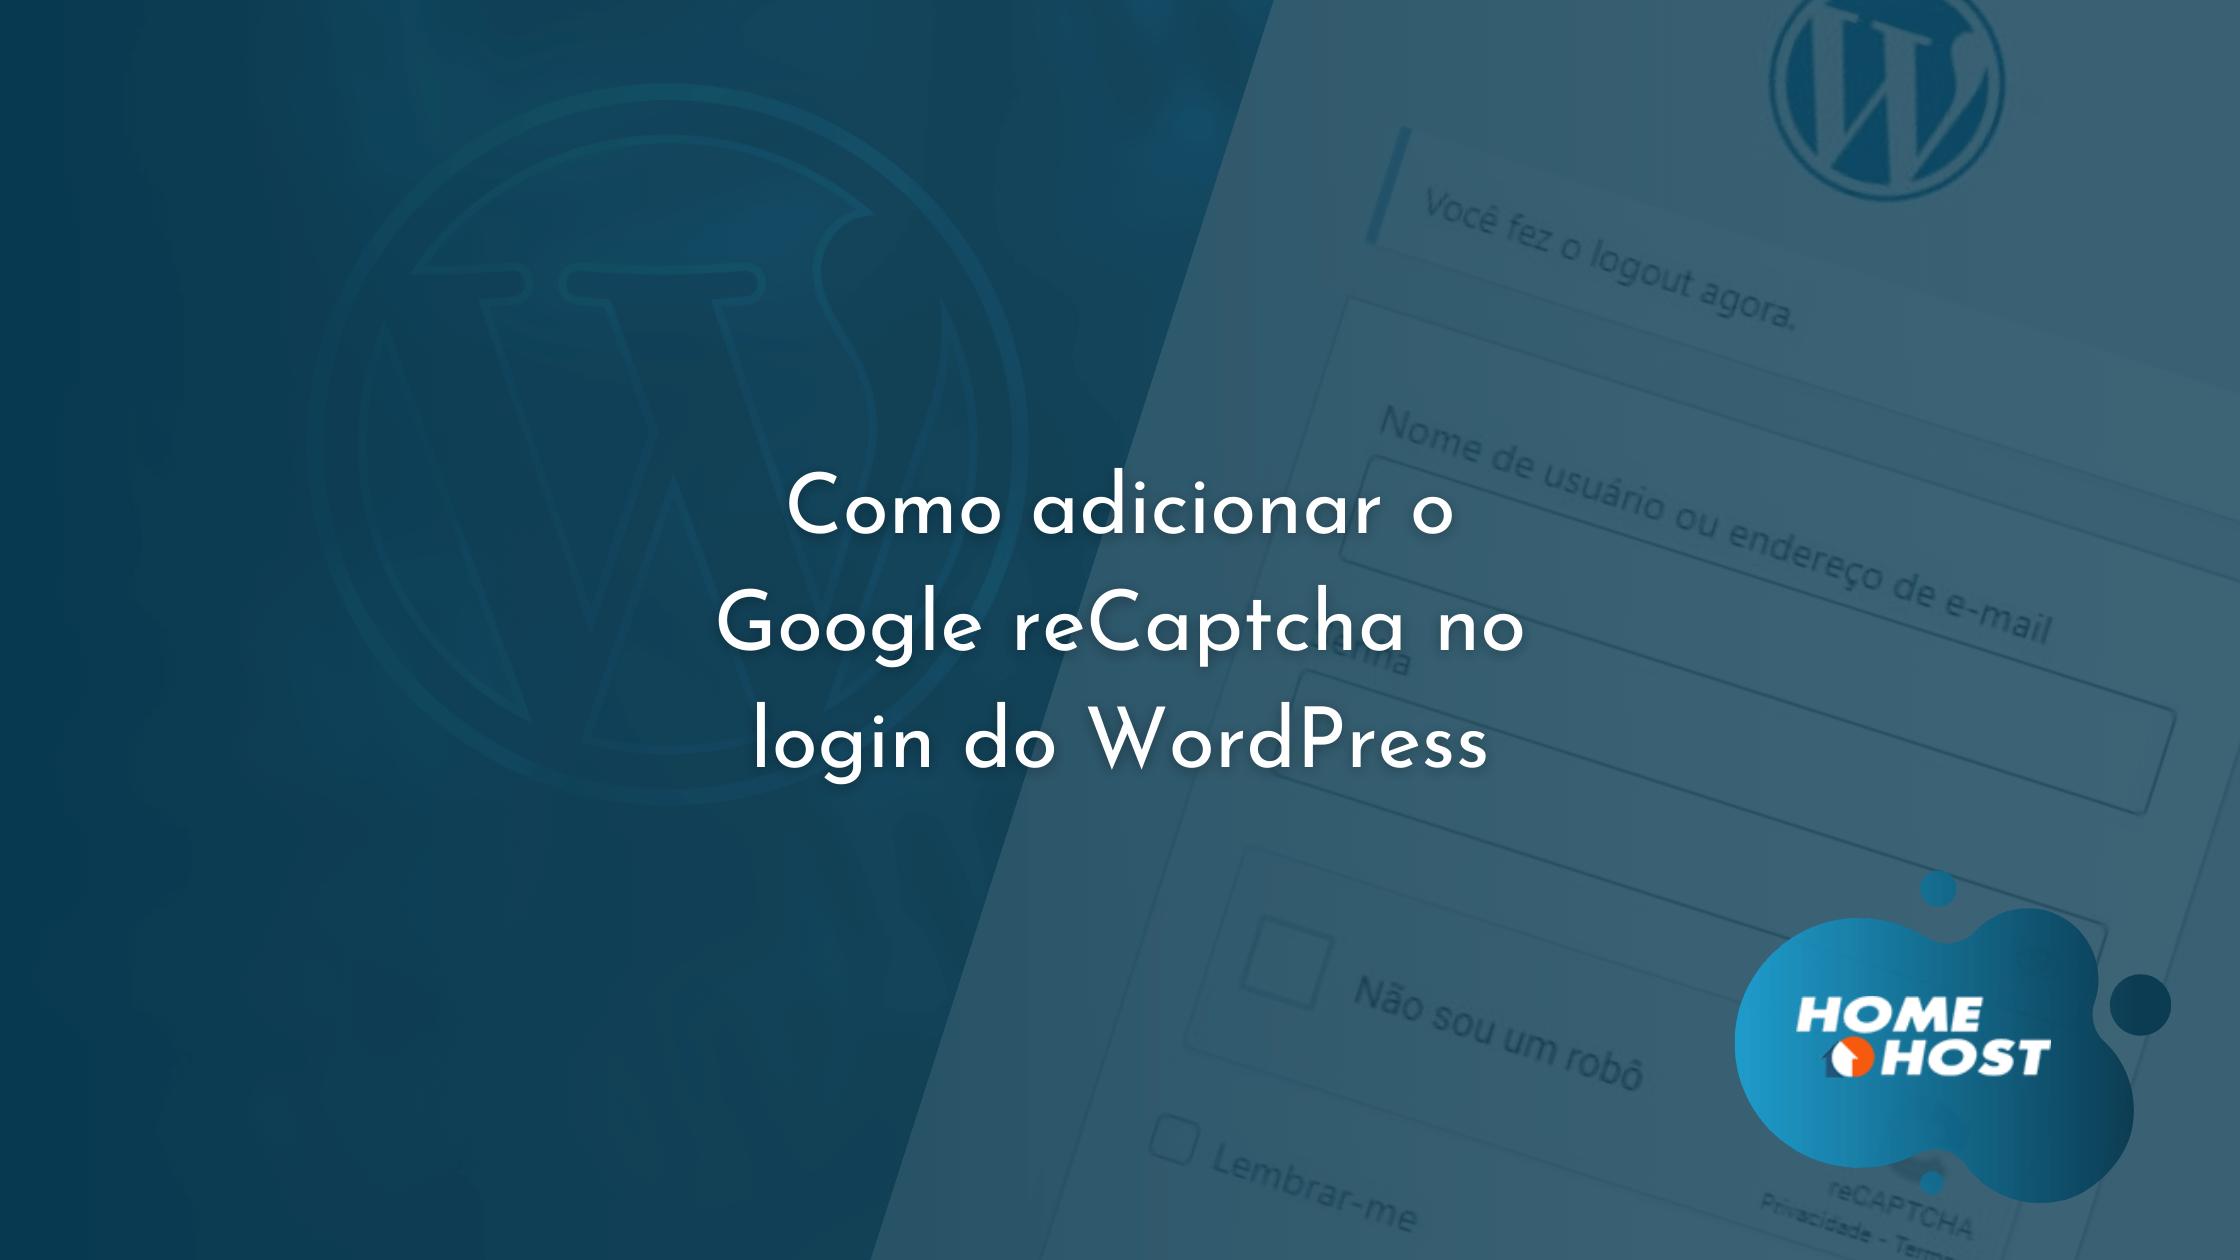 Tutoriais HomeHost: Como adicionar o Google reCaptcha no login do WordPress